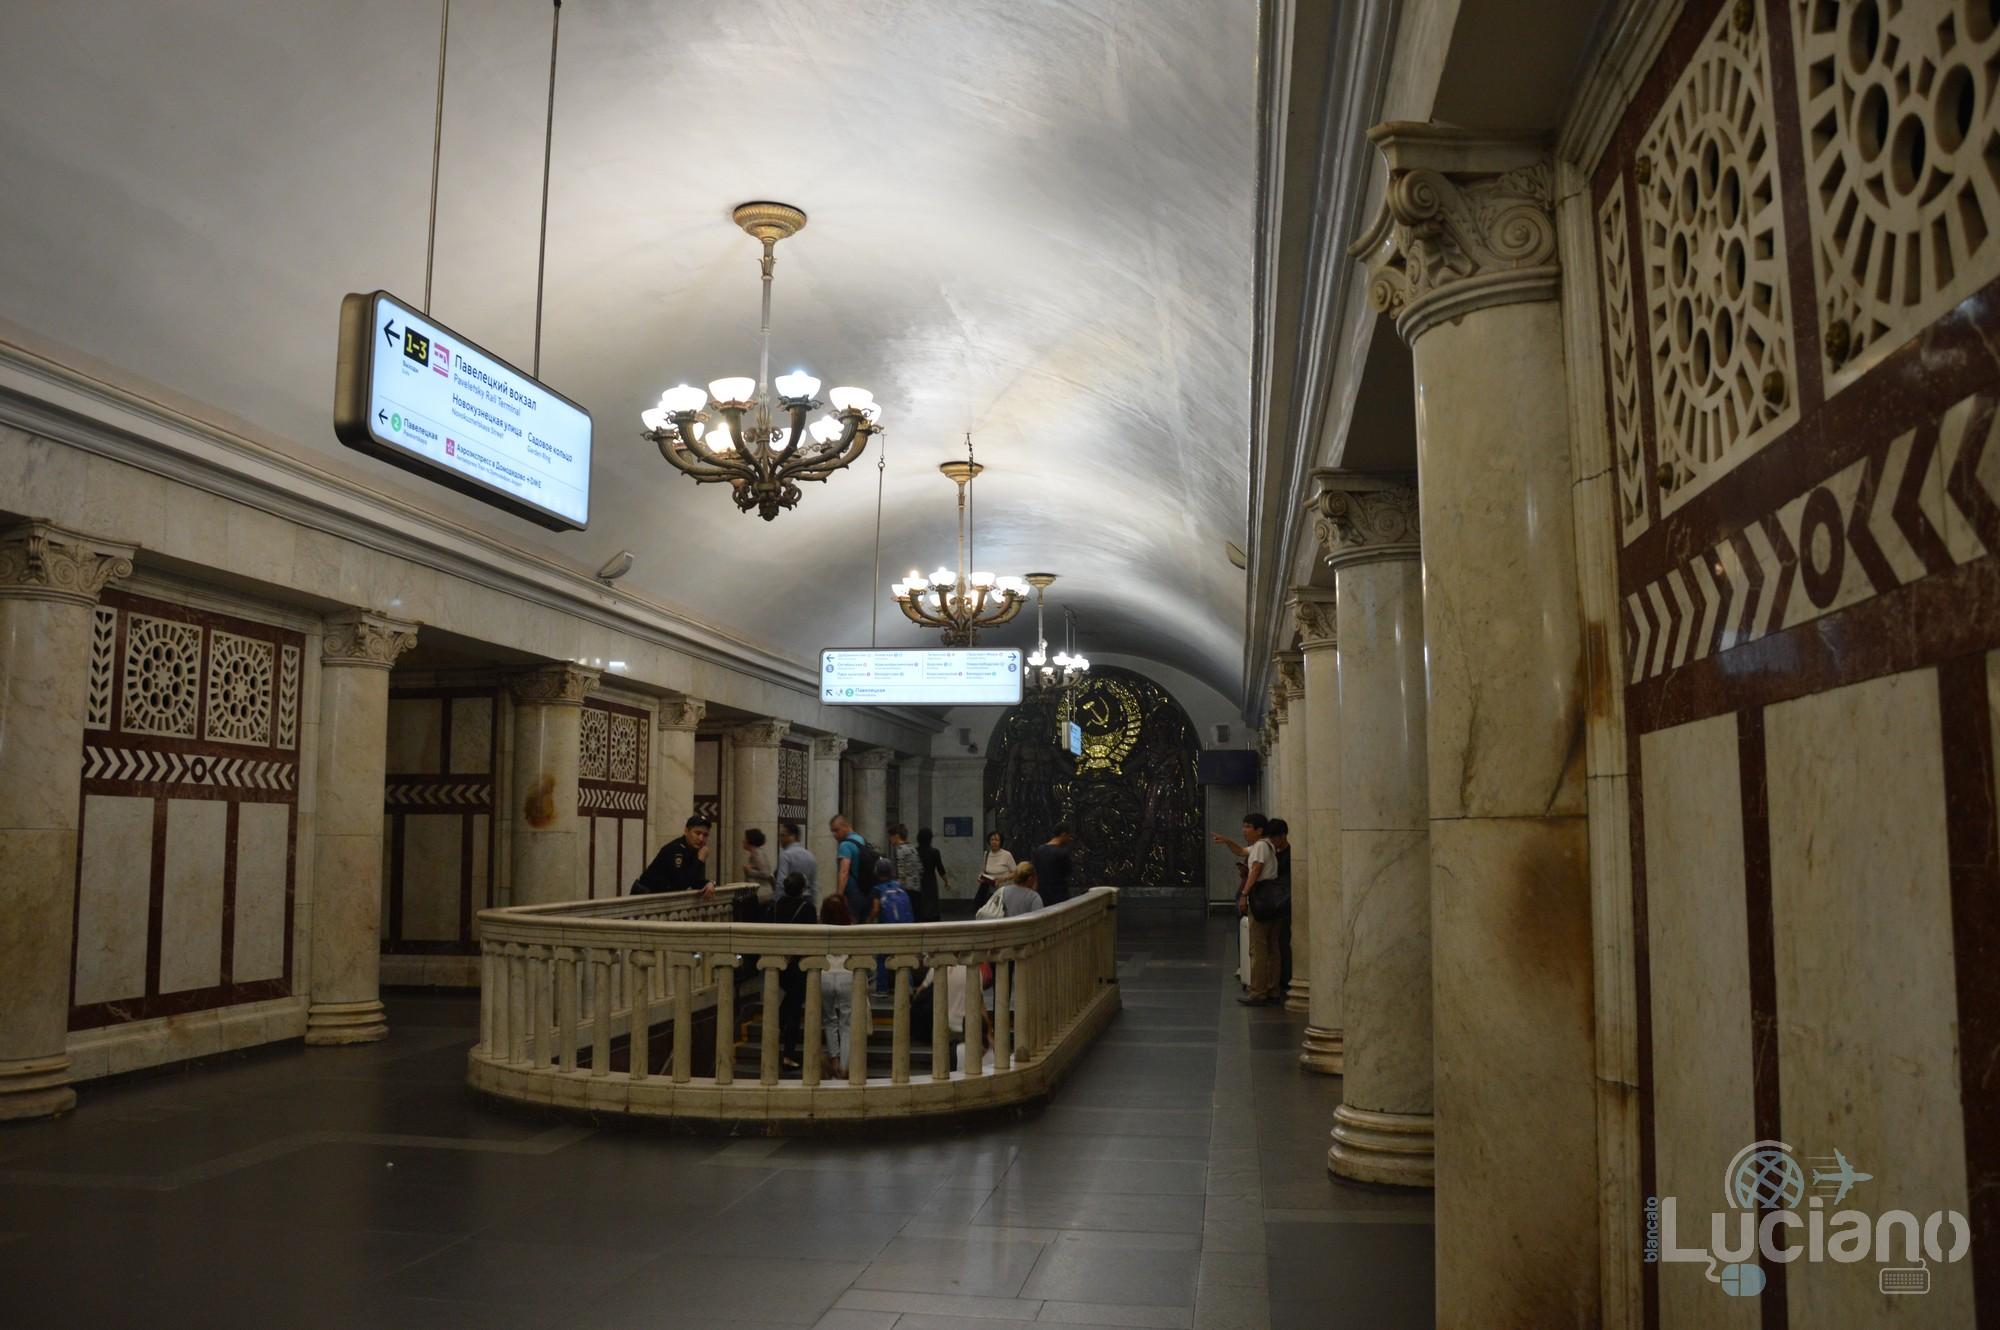 metropolitana-5-circolare-mosca-luciano-blancato (8)